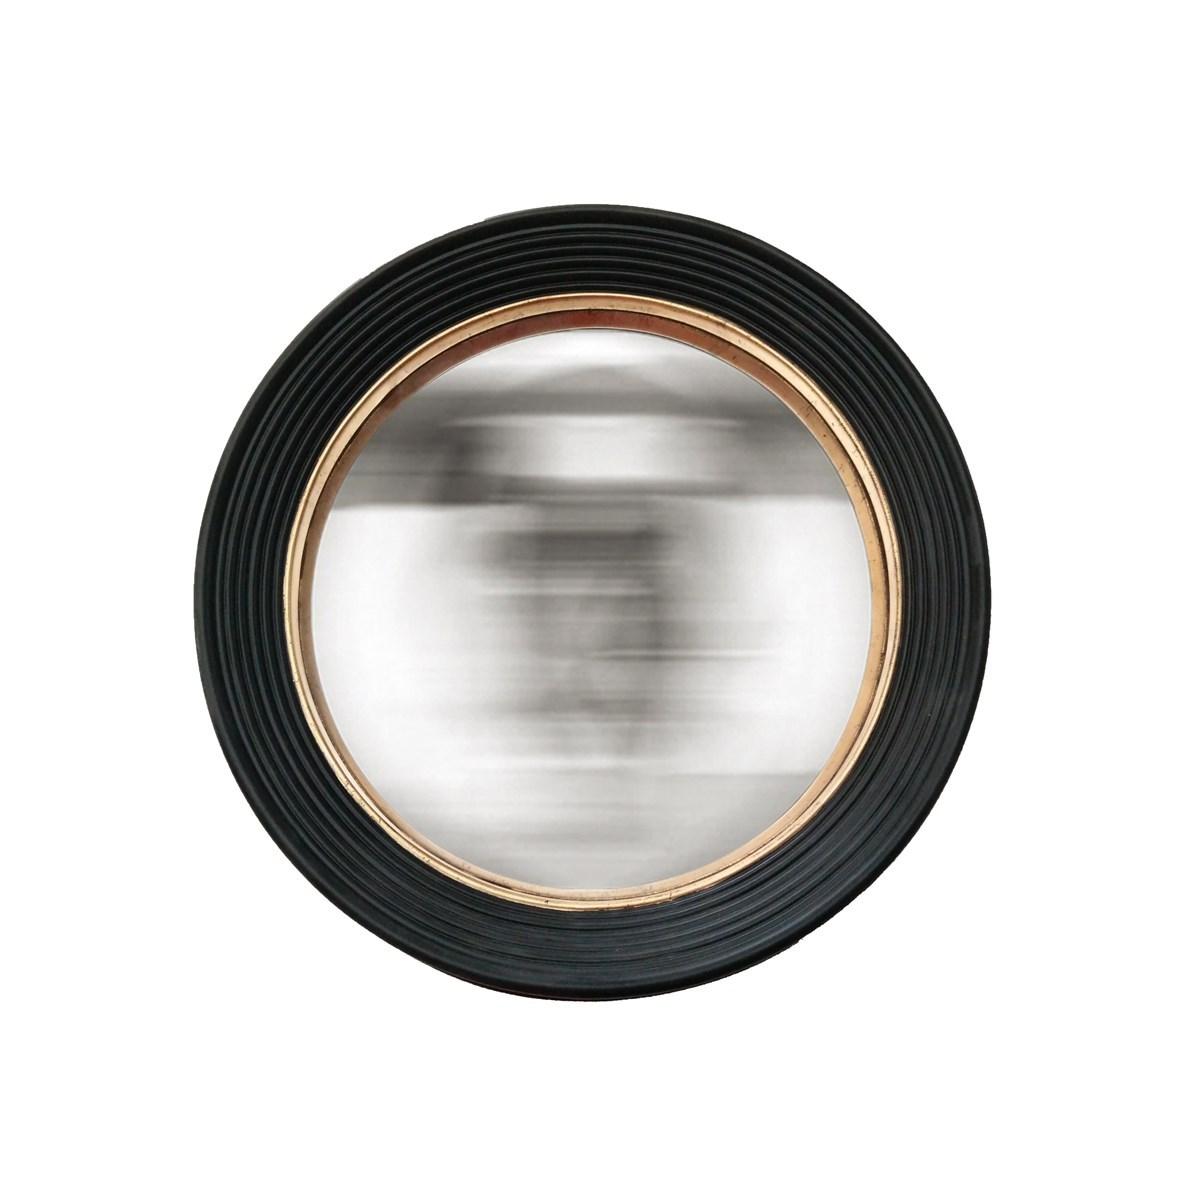 Miroir convexe noir et doré 48 cm en Résine Noir